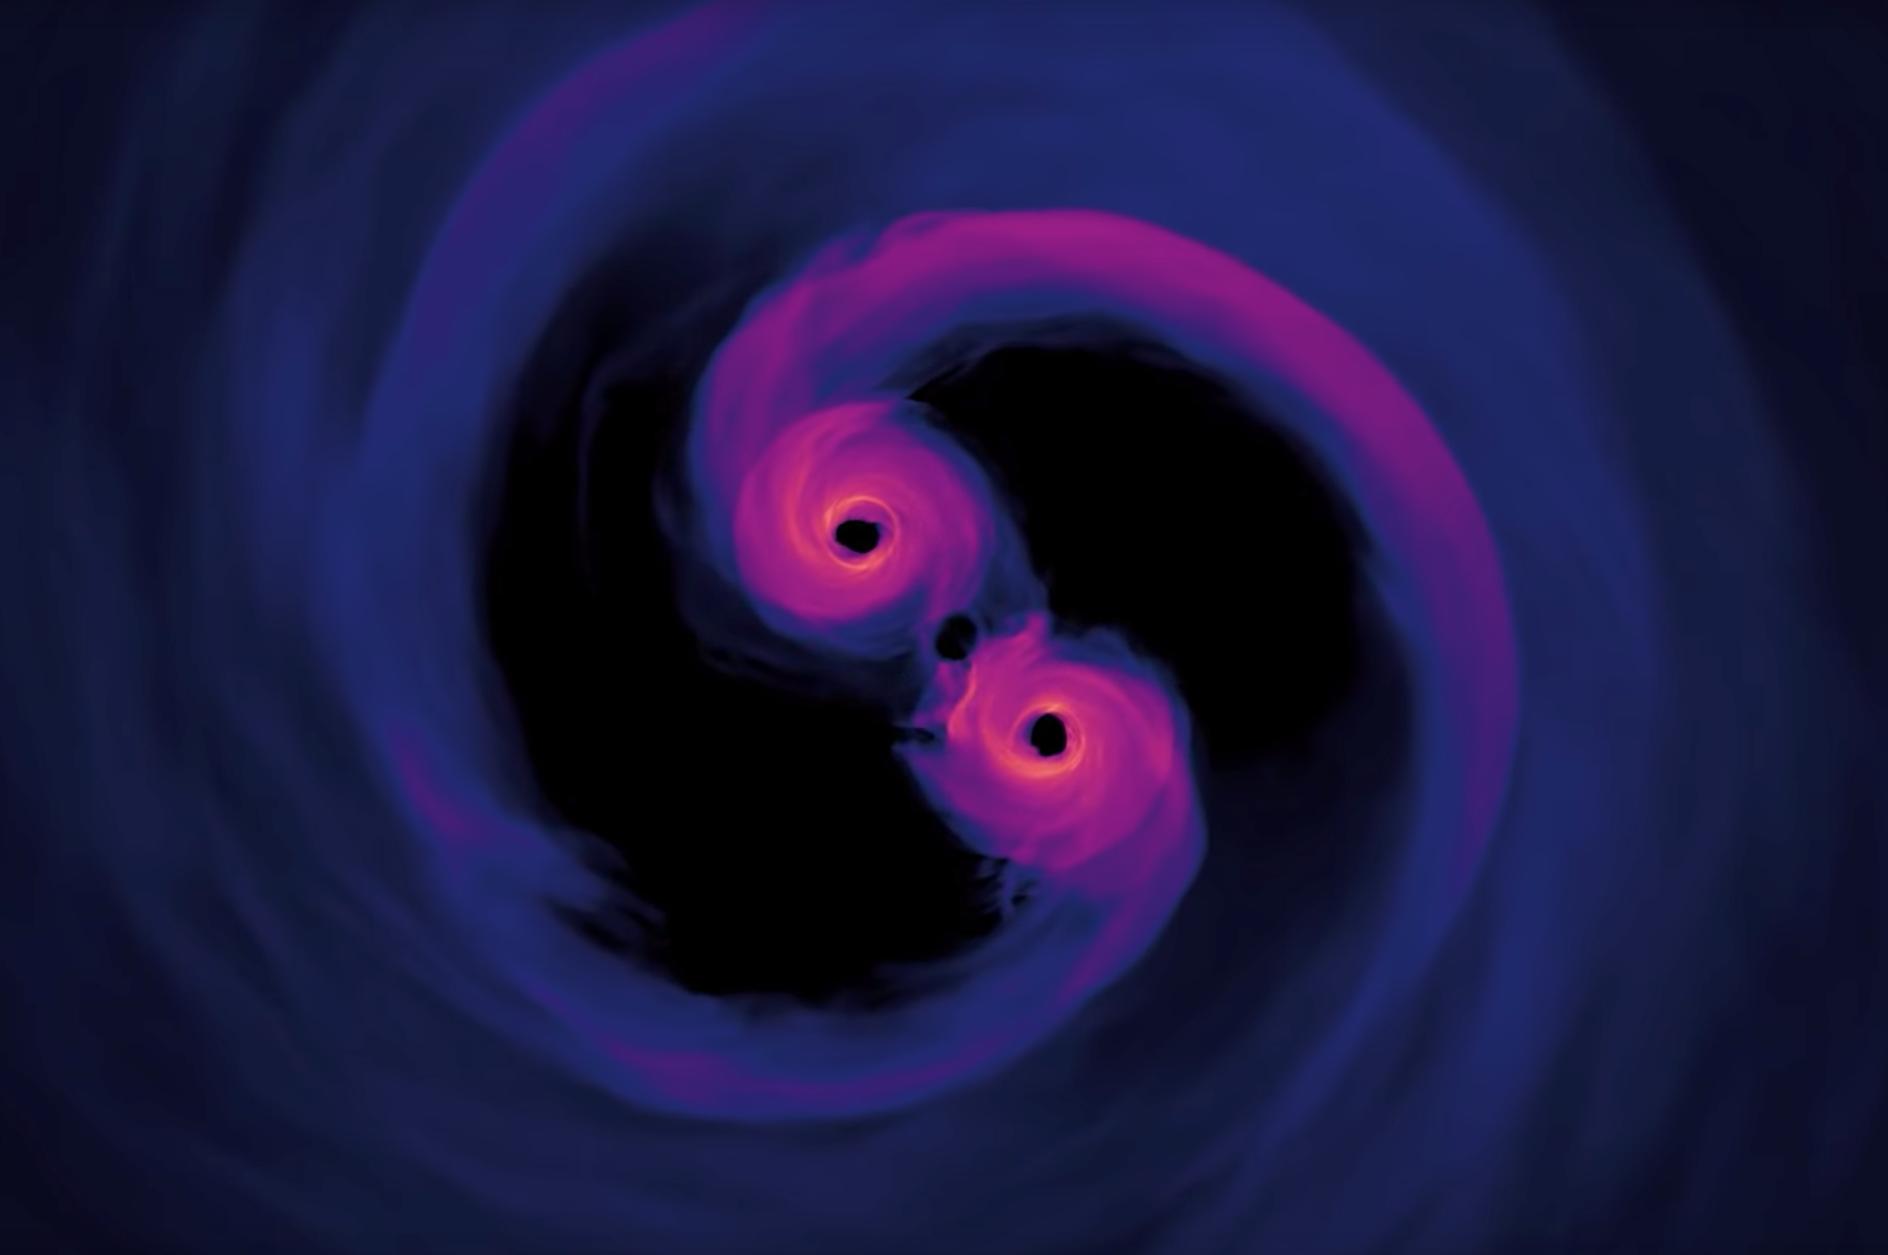 Trous noirs supermassifs en spirale